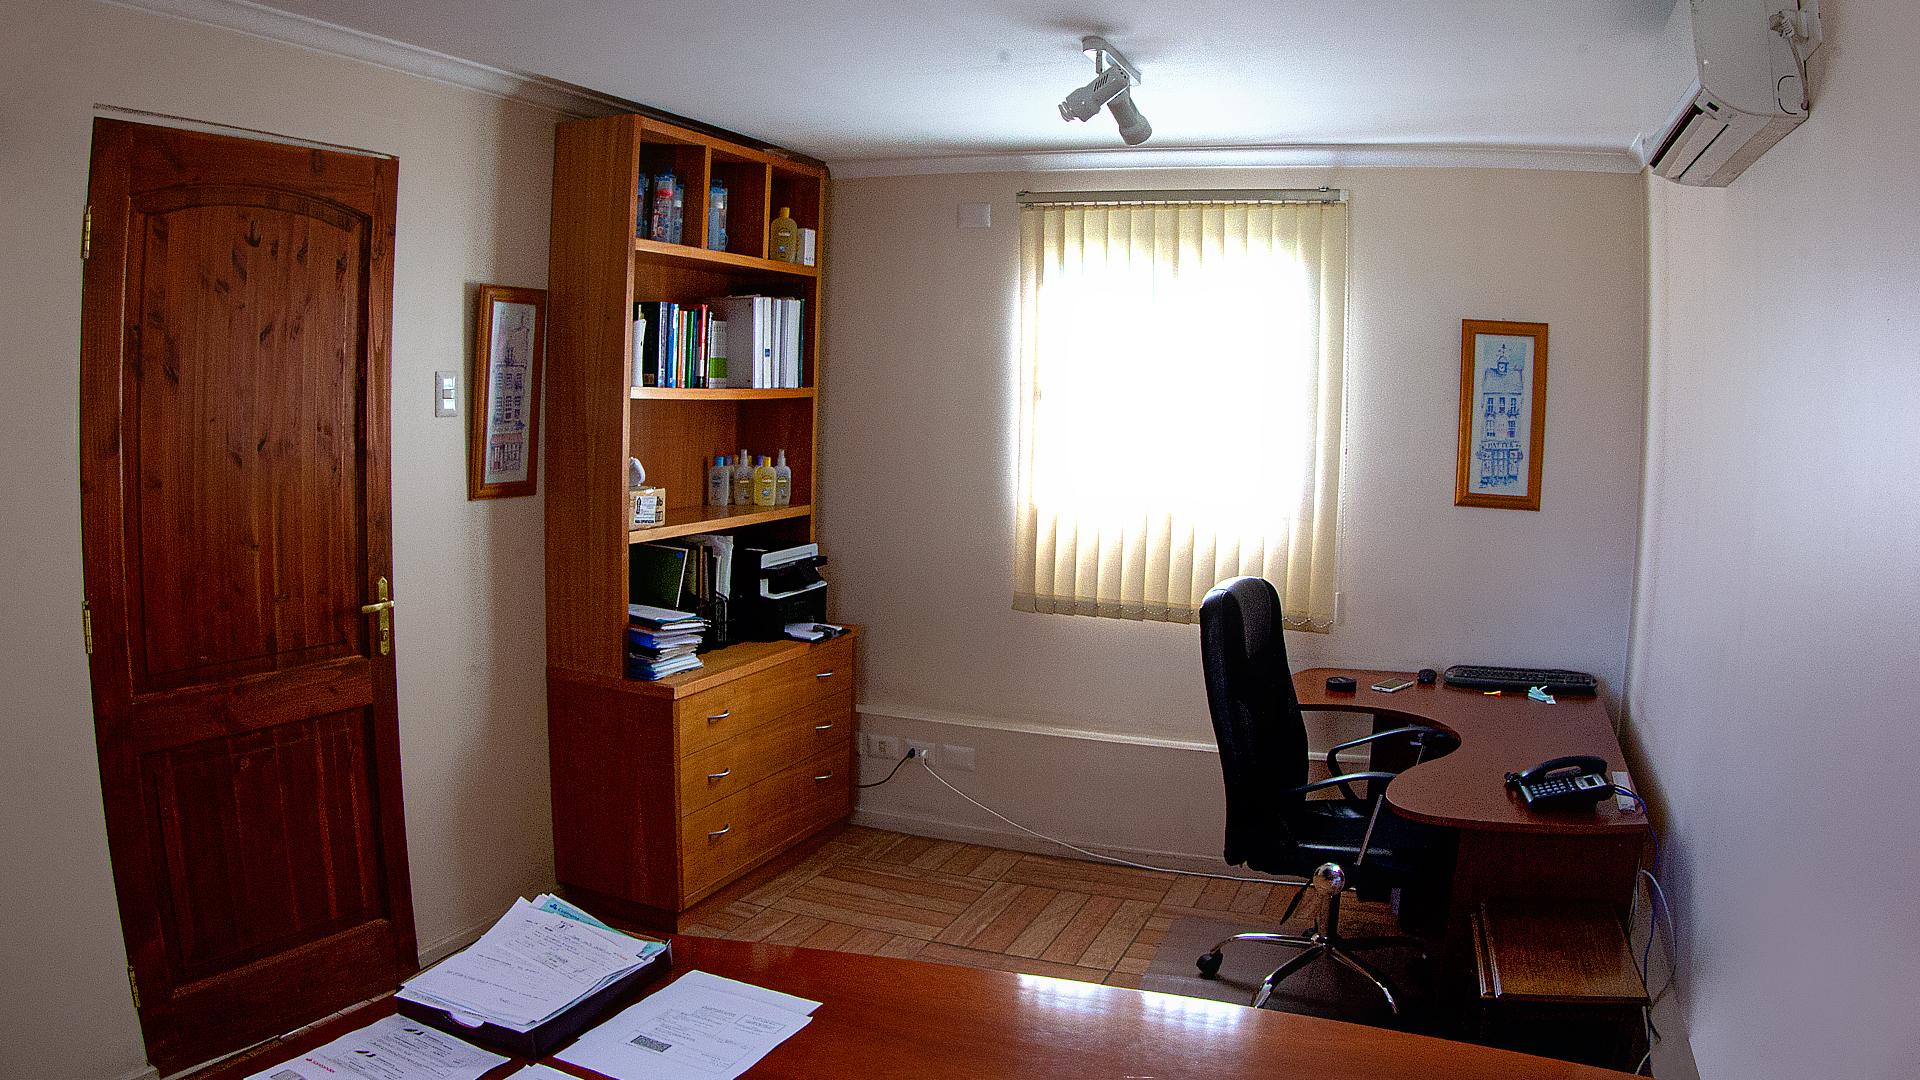 Oficina en segundo piso, 14 m2, orientación norte y sur.